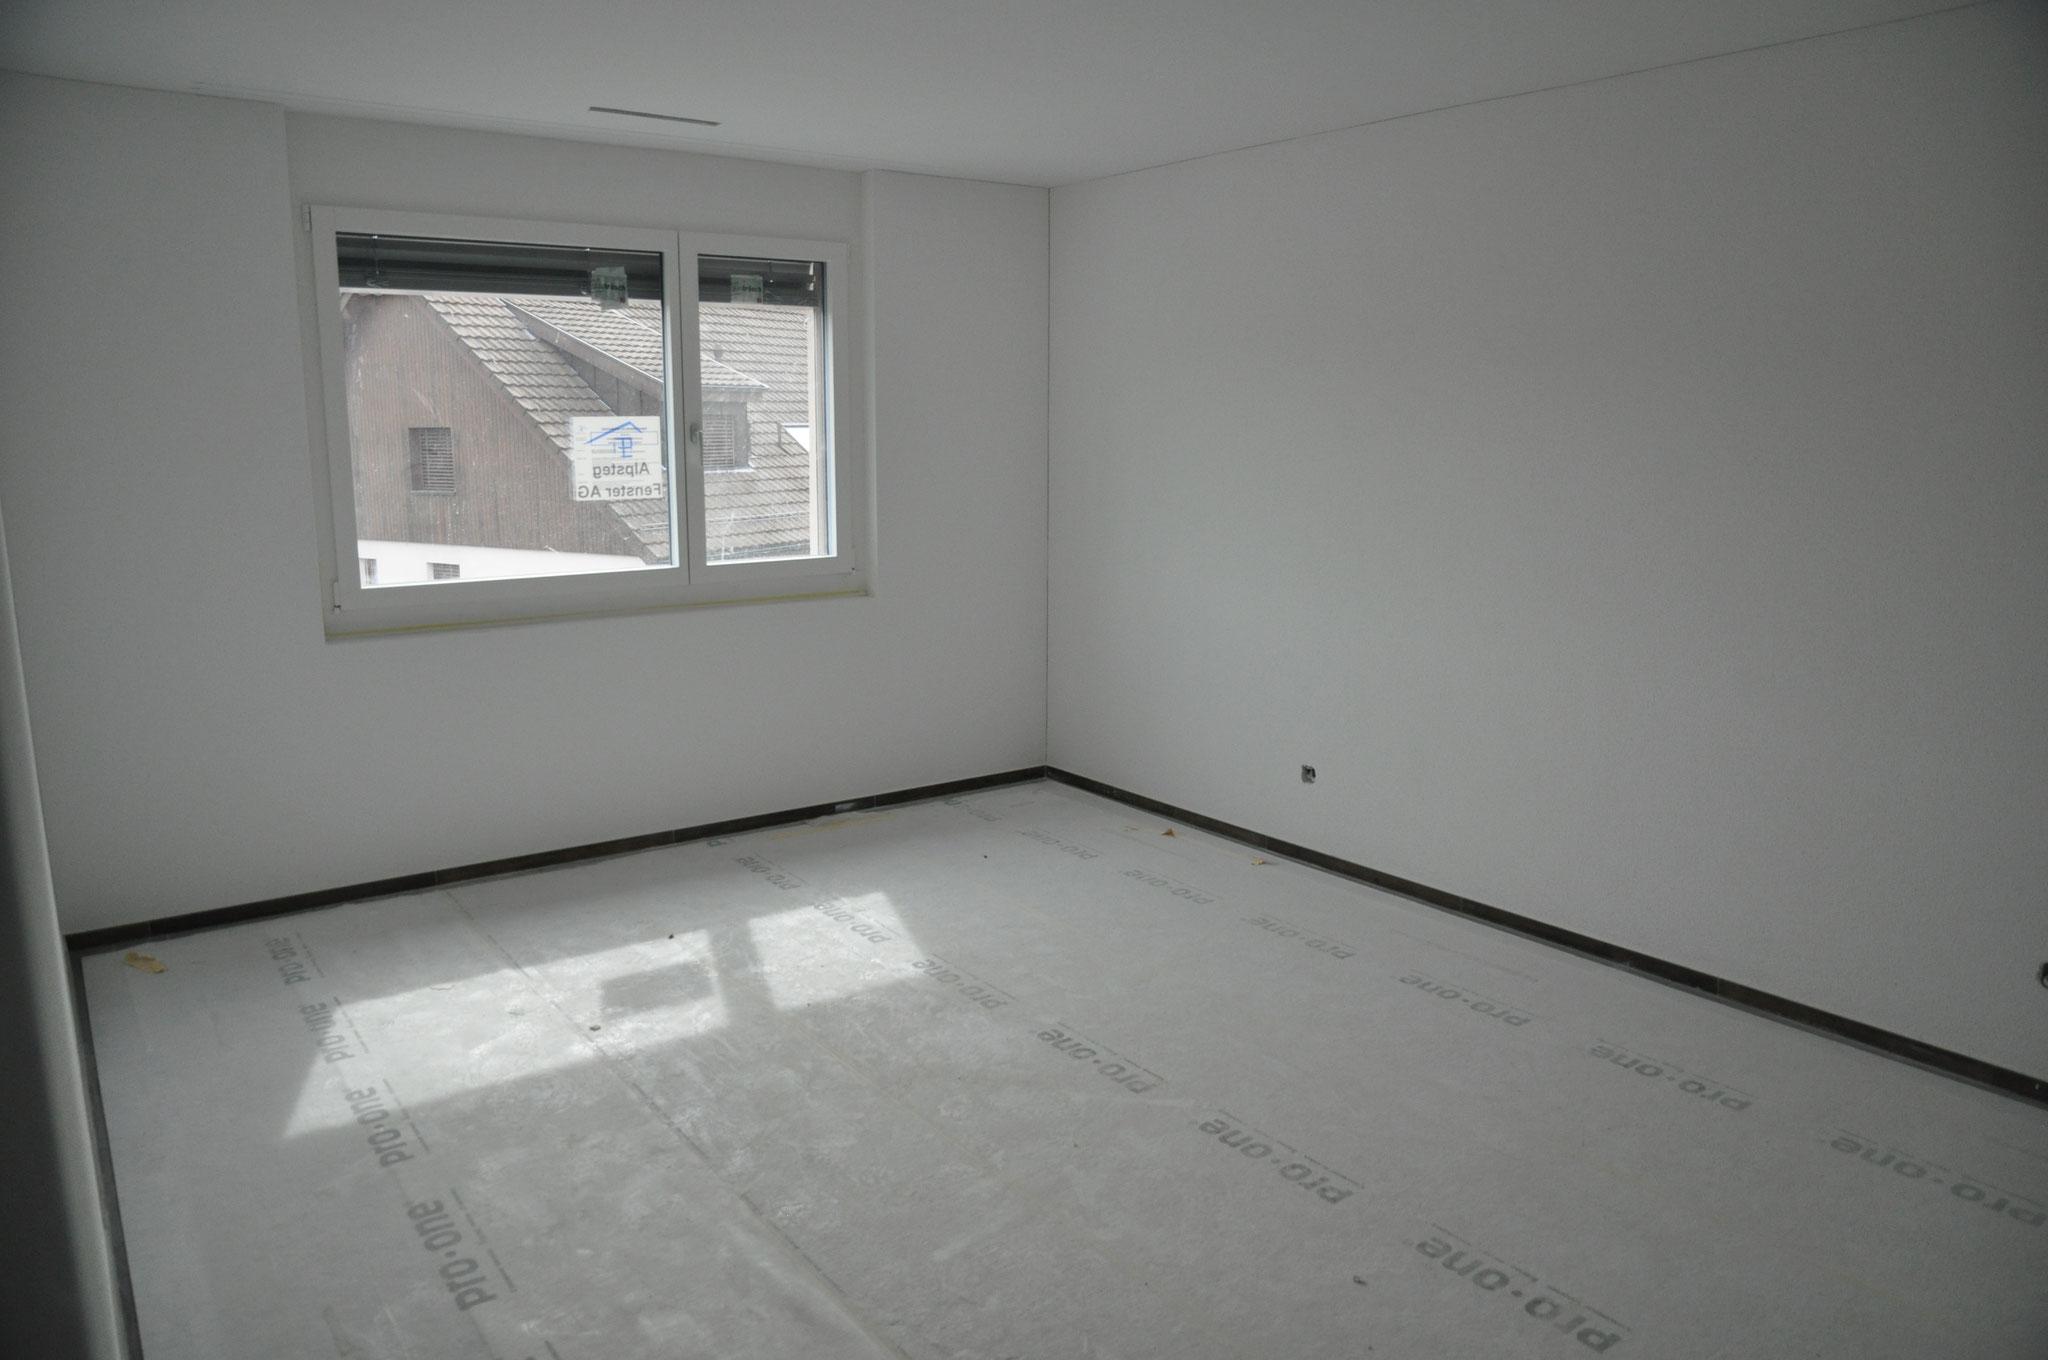 Innenausbau Schlafzimmer 3,5 Zimmer Wohnung Einheit B (Mai 2016)